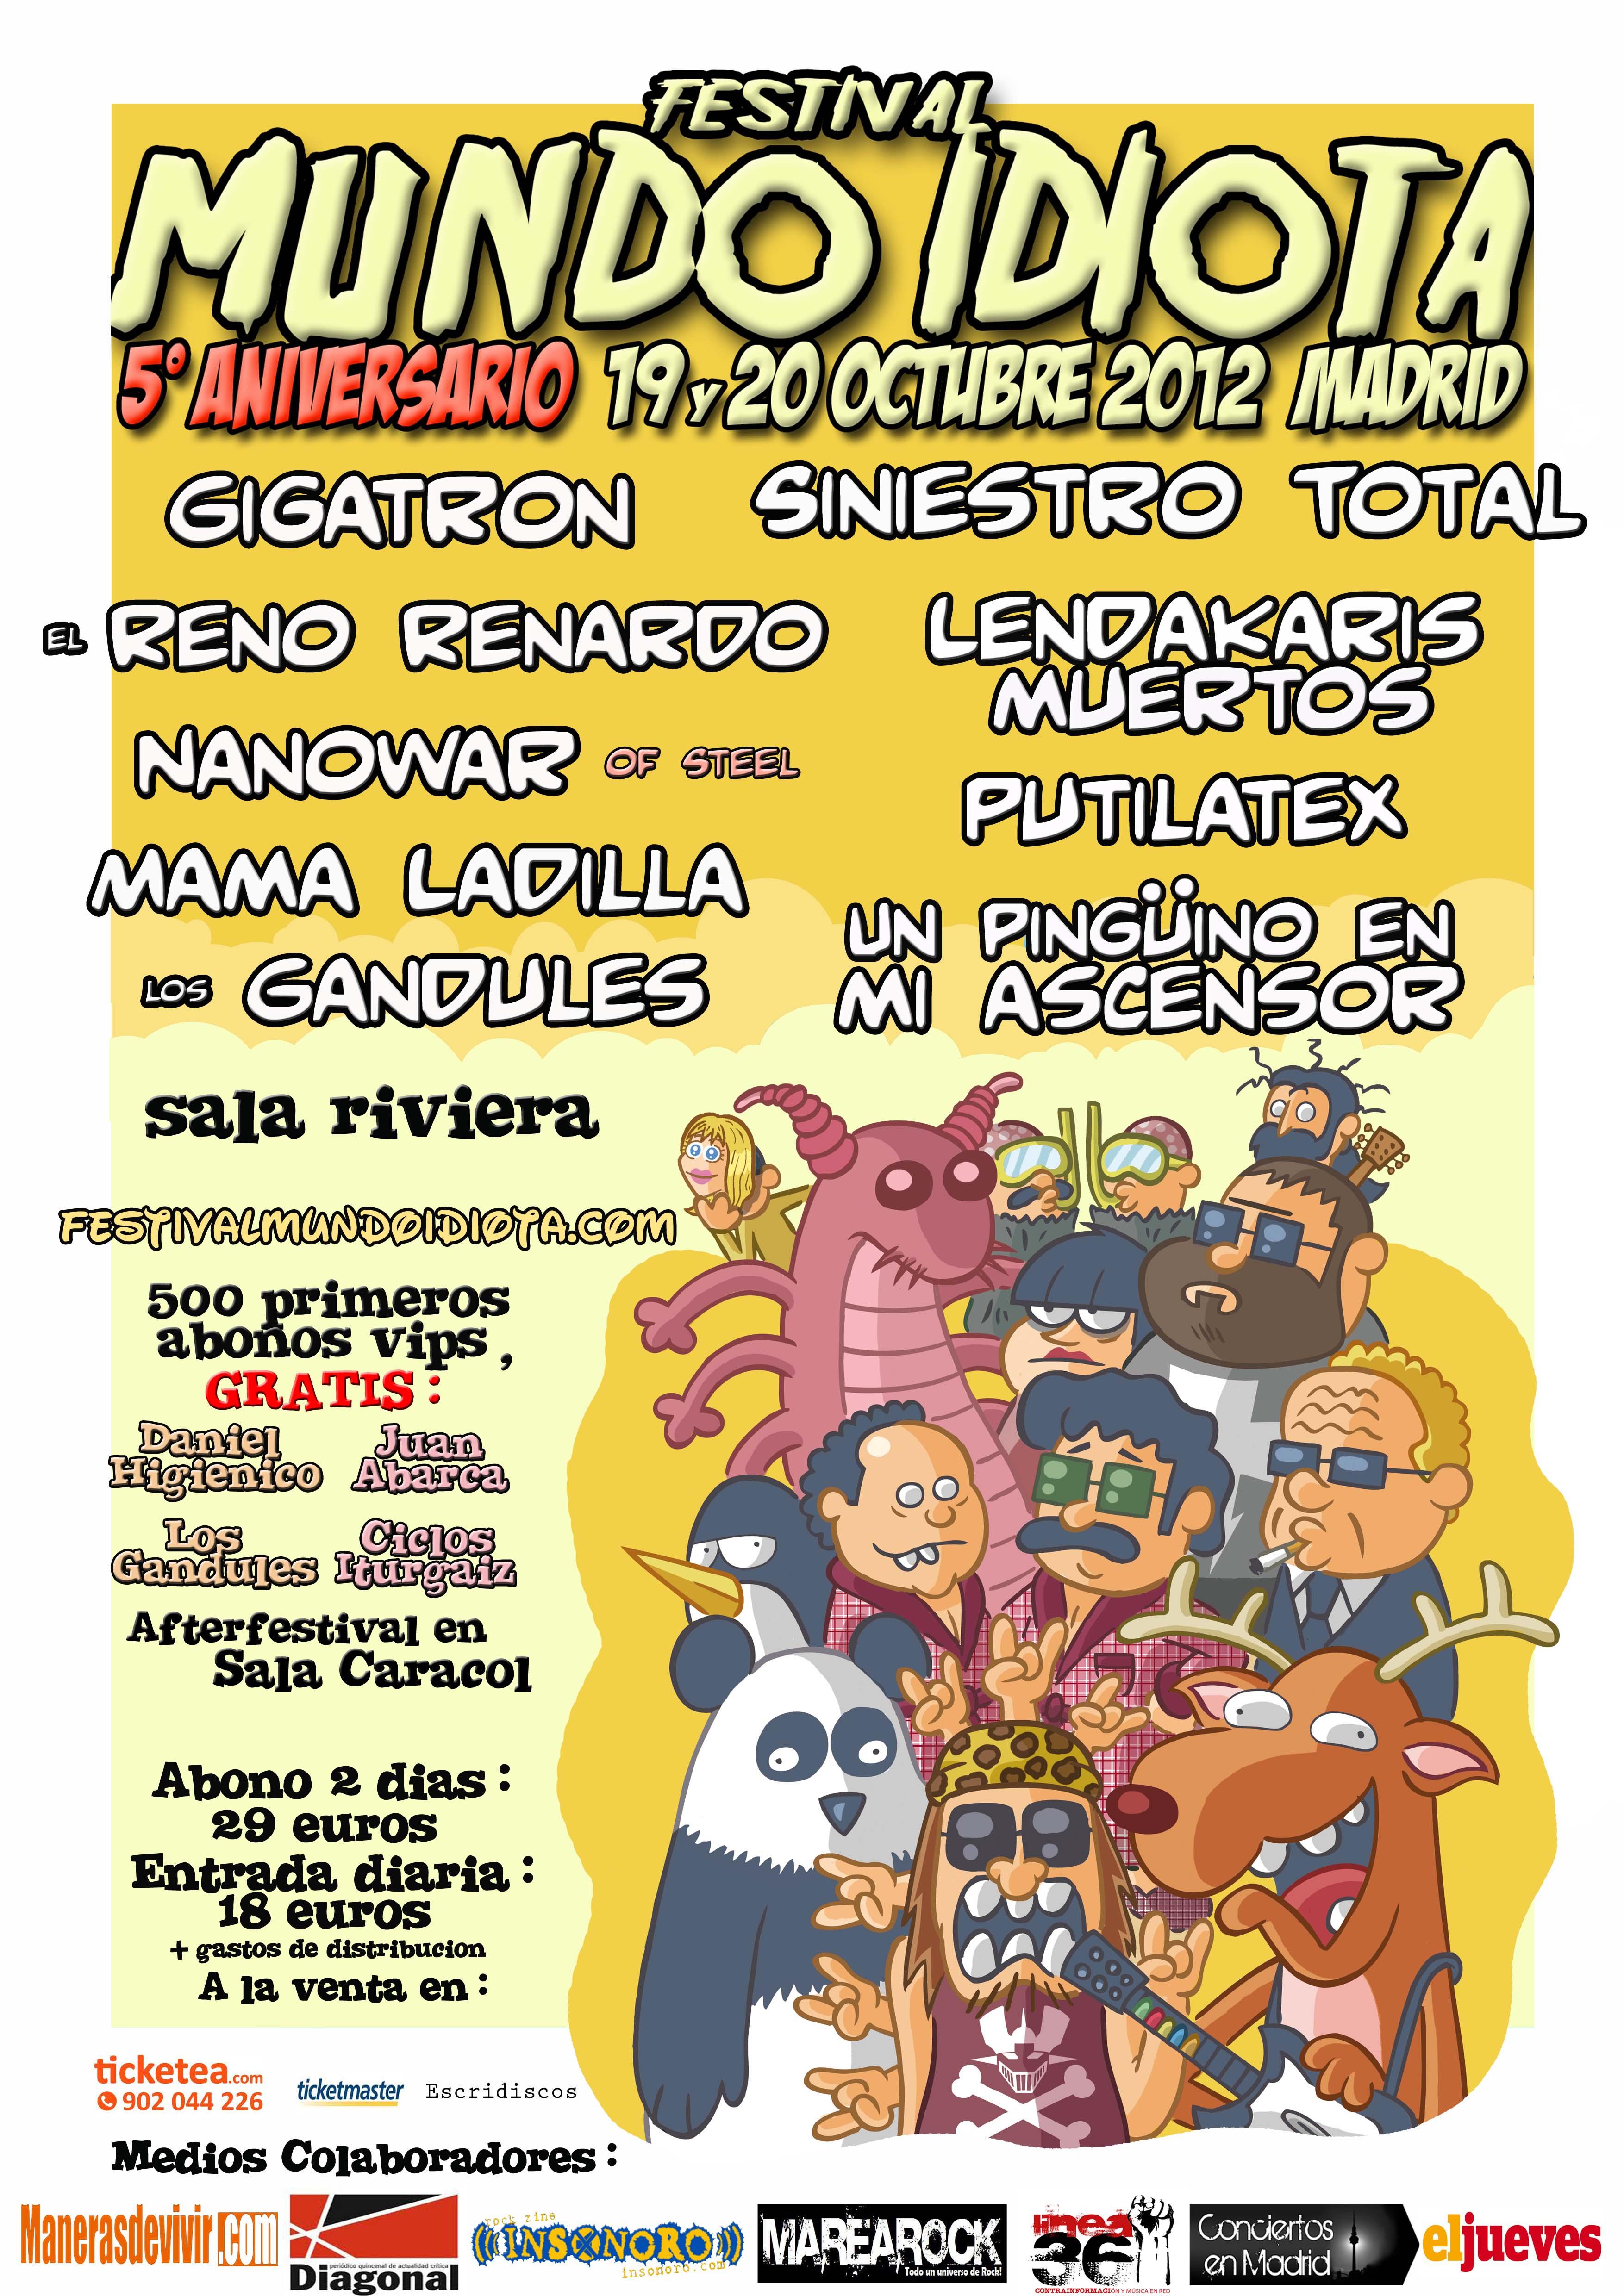 Festival Mundo Idiota 2012 (19 y 20 de octubre)